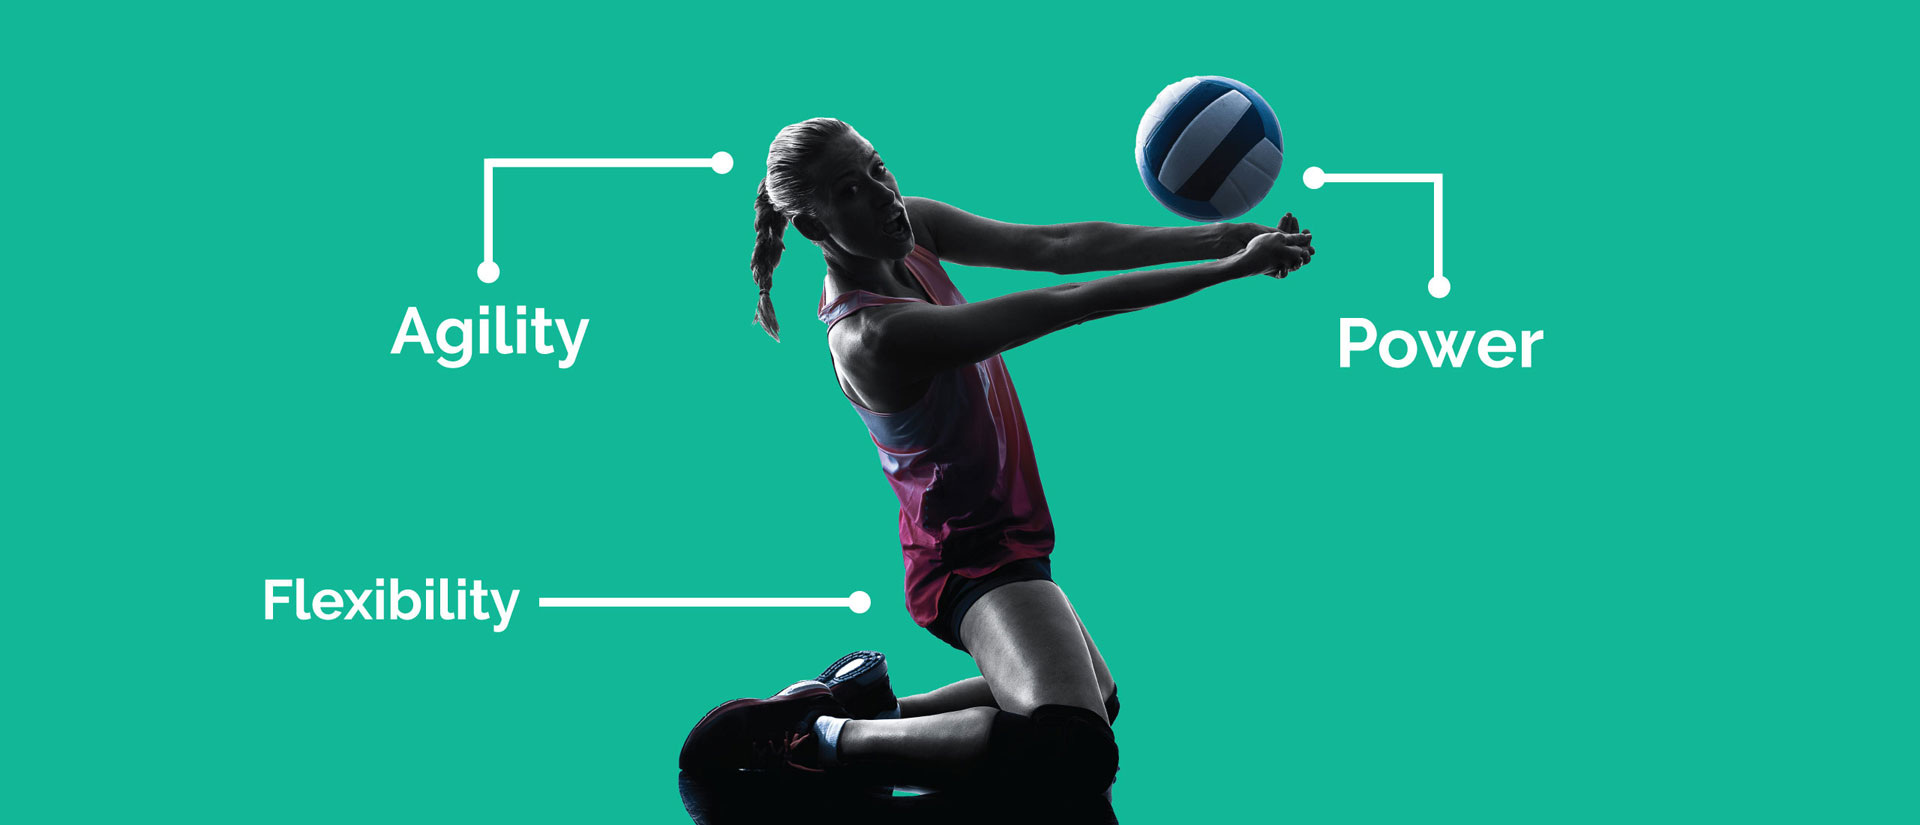 volleyball idaho fitness academy